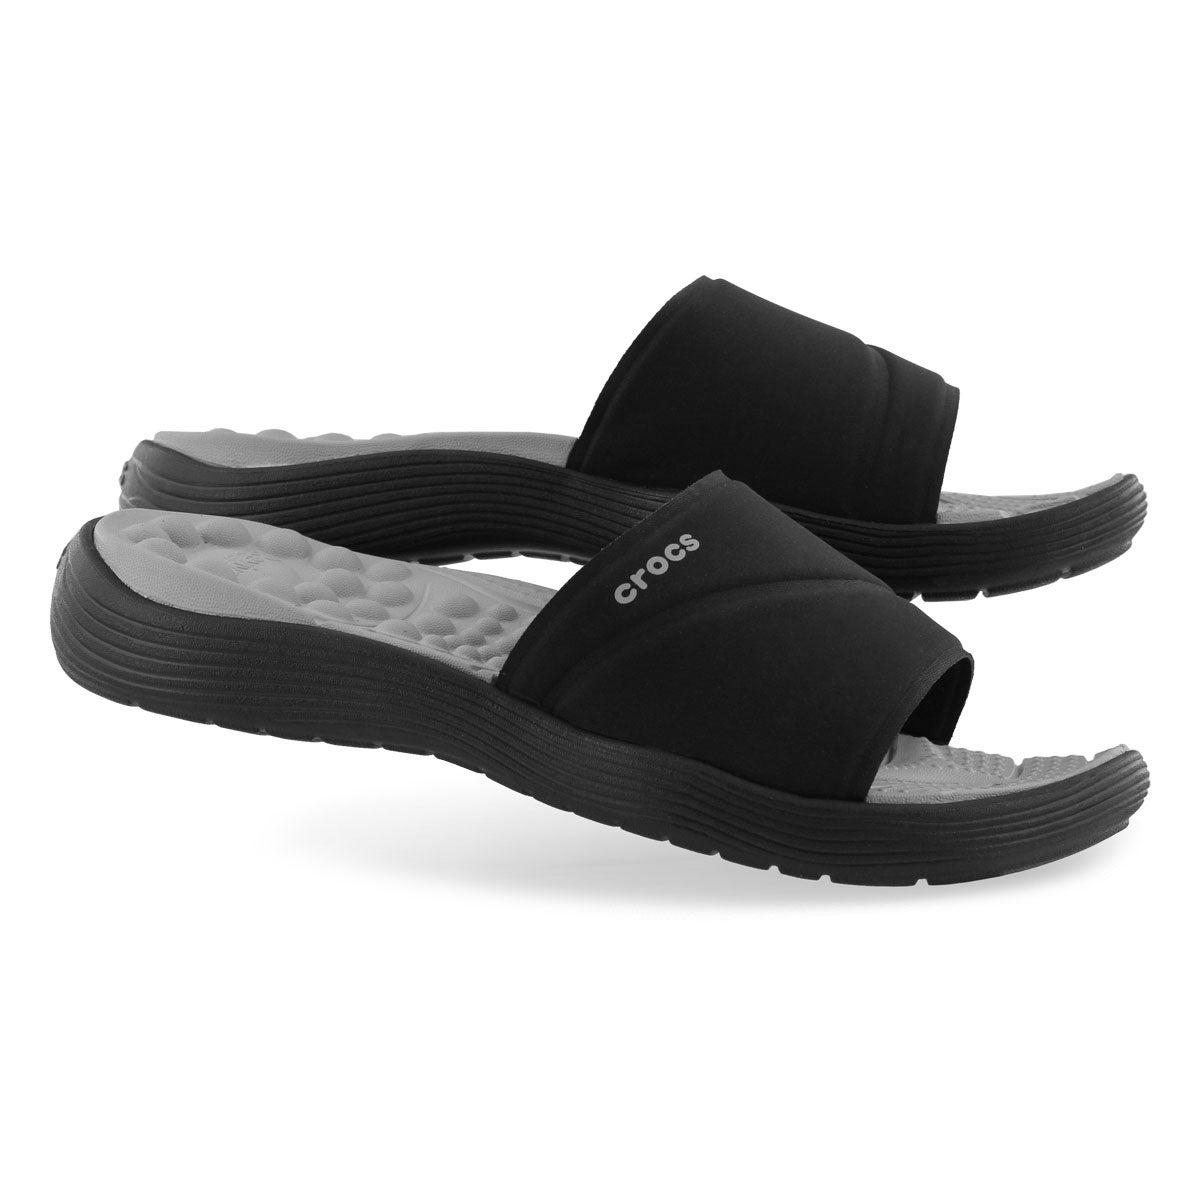 Lds Reviva black slide sandal